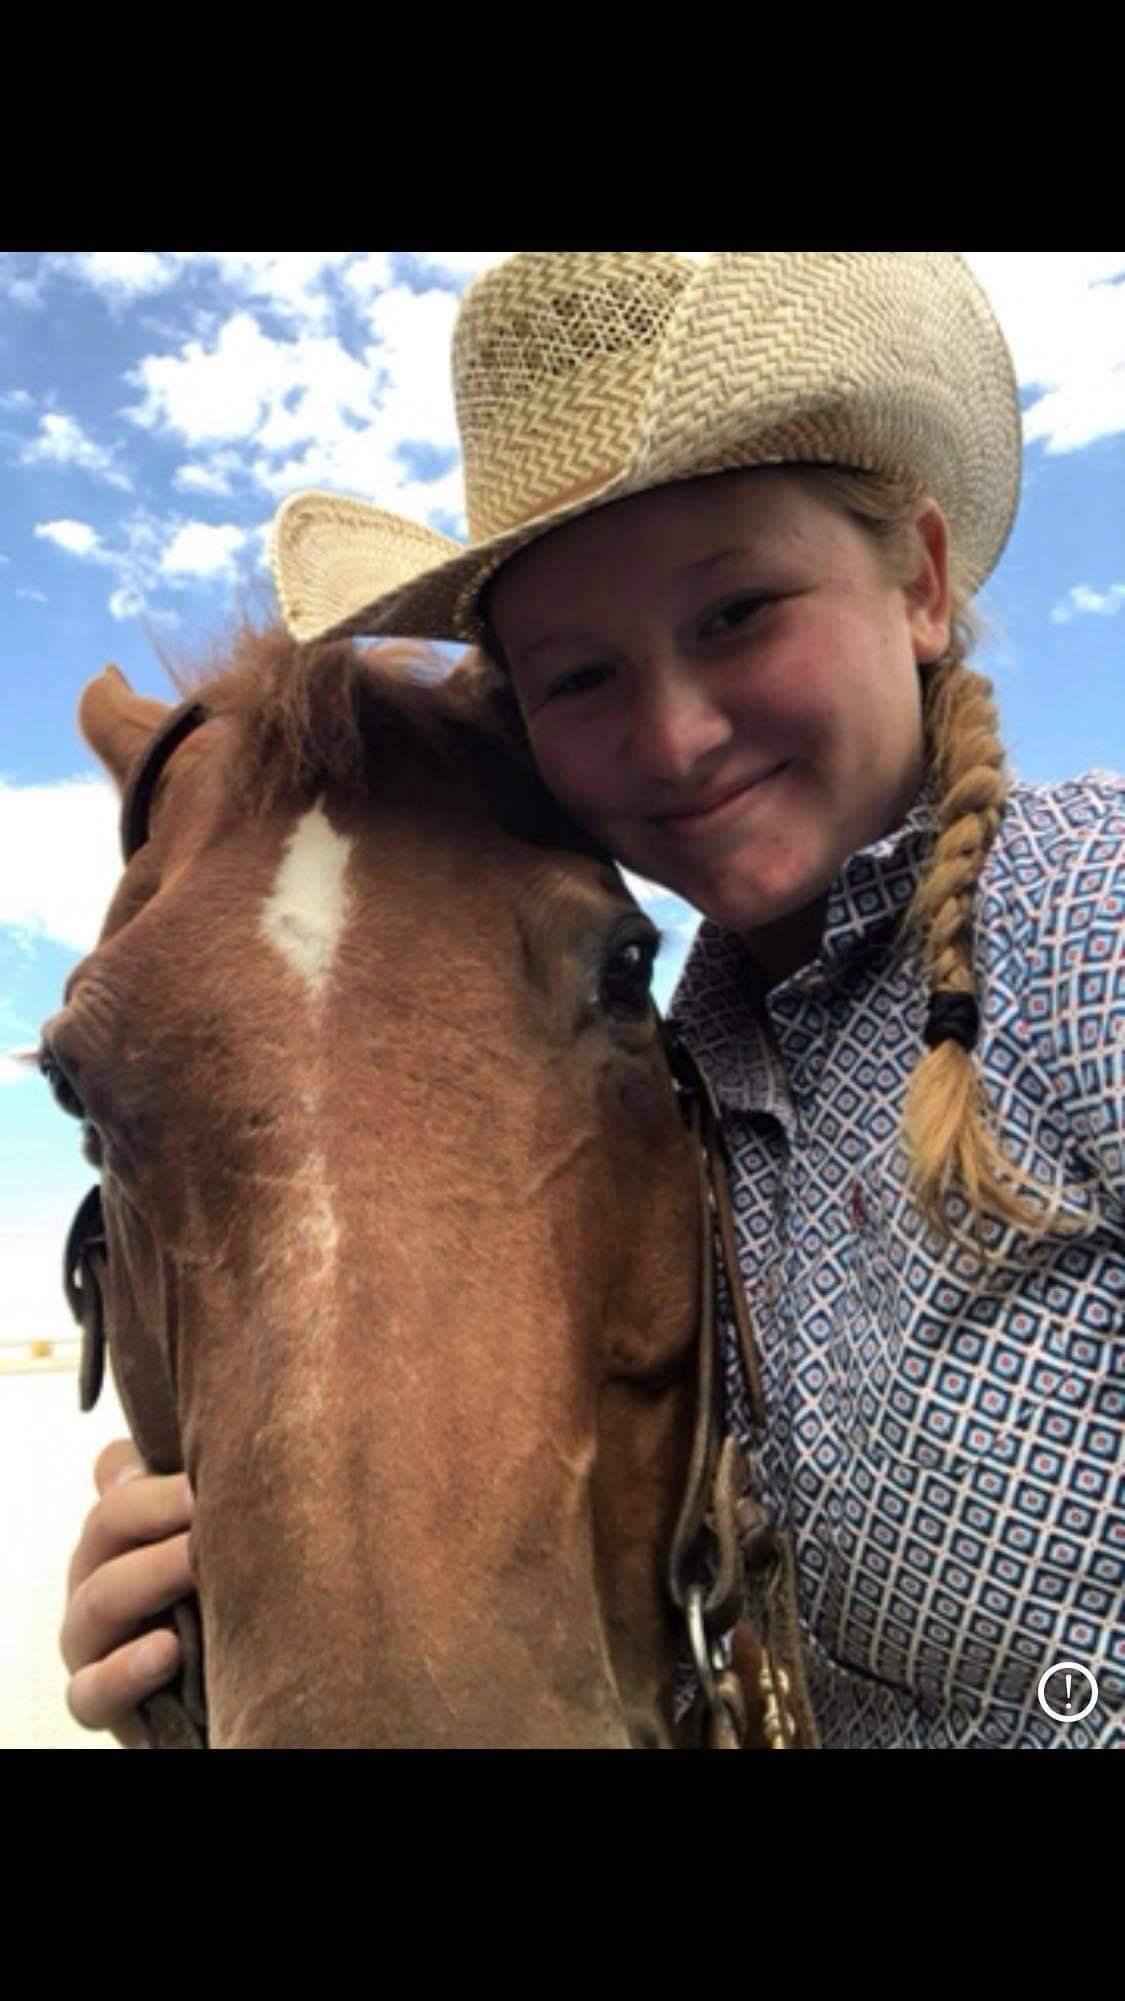 Berhasil: remaja mengambil taktik berbeda untuk berkuda